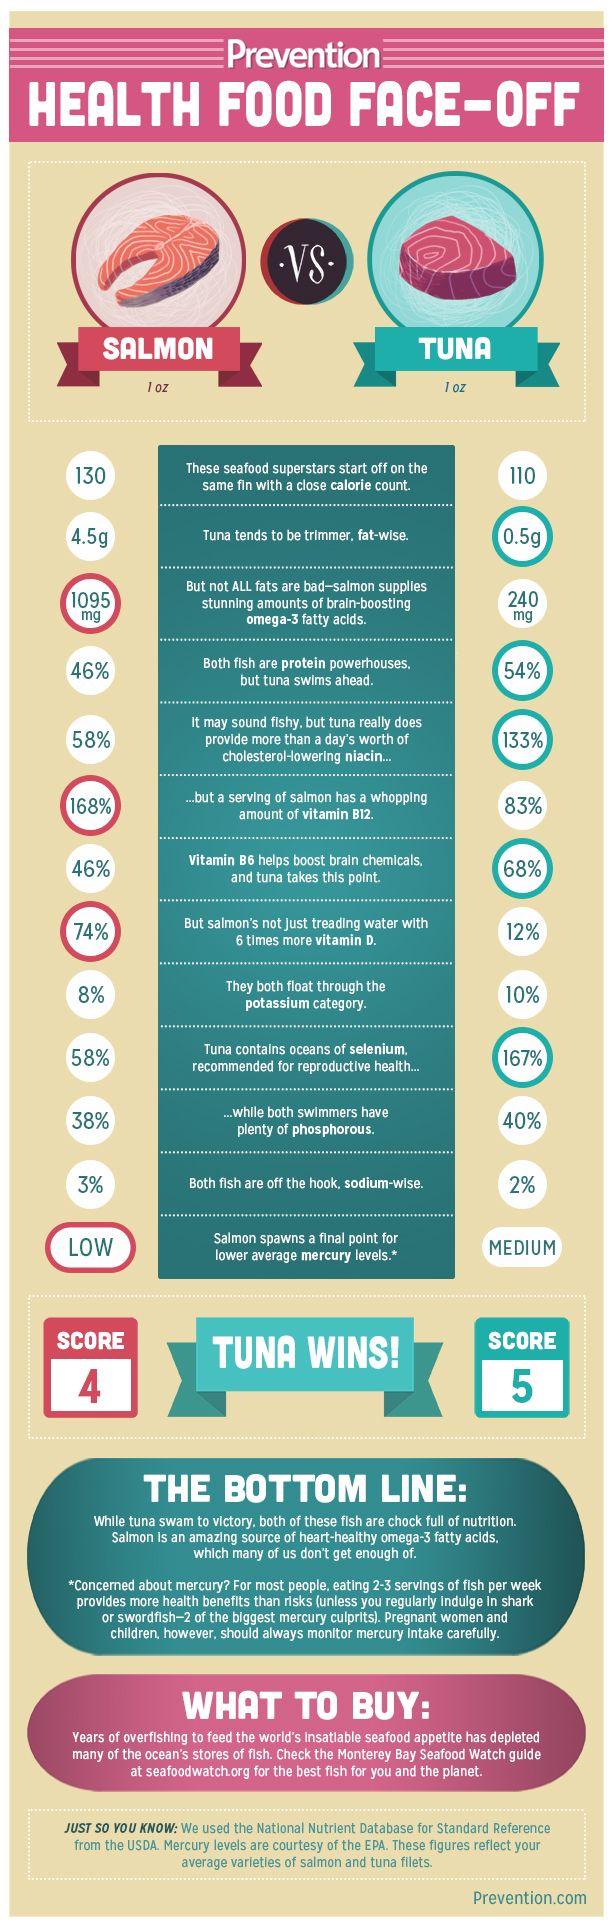 Health Food Face-Off: Salmon vs. Tuna - Prevention.com